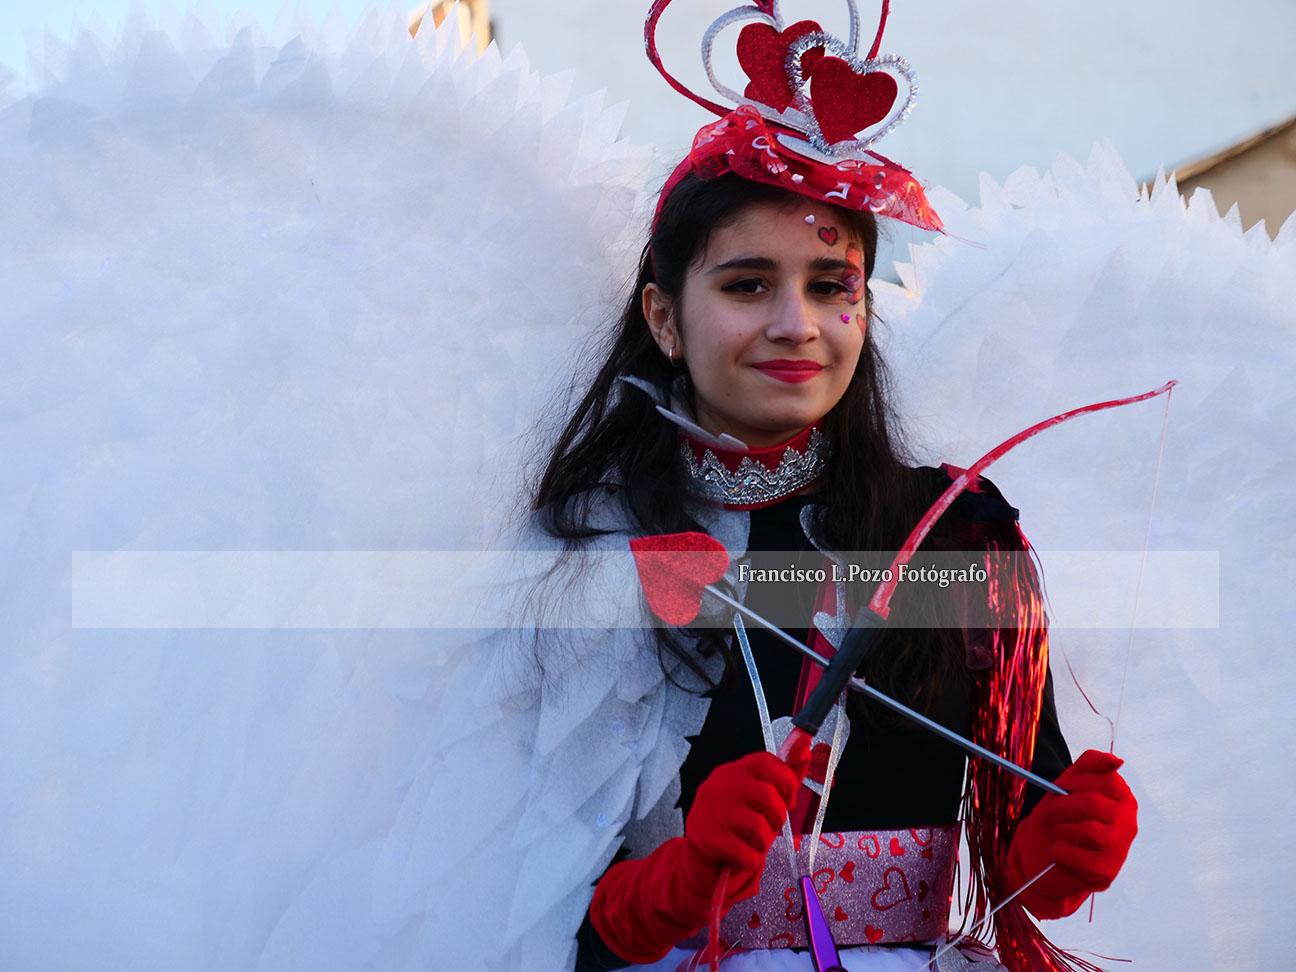 Carnaval 2020: Camponaraya sale a la calle a ritmo de comparsa 98